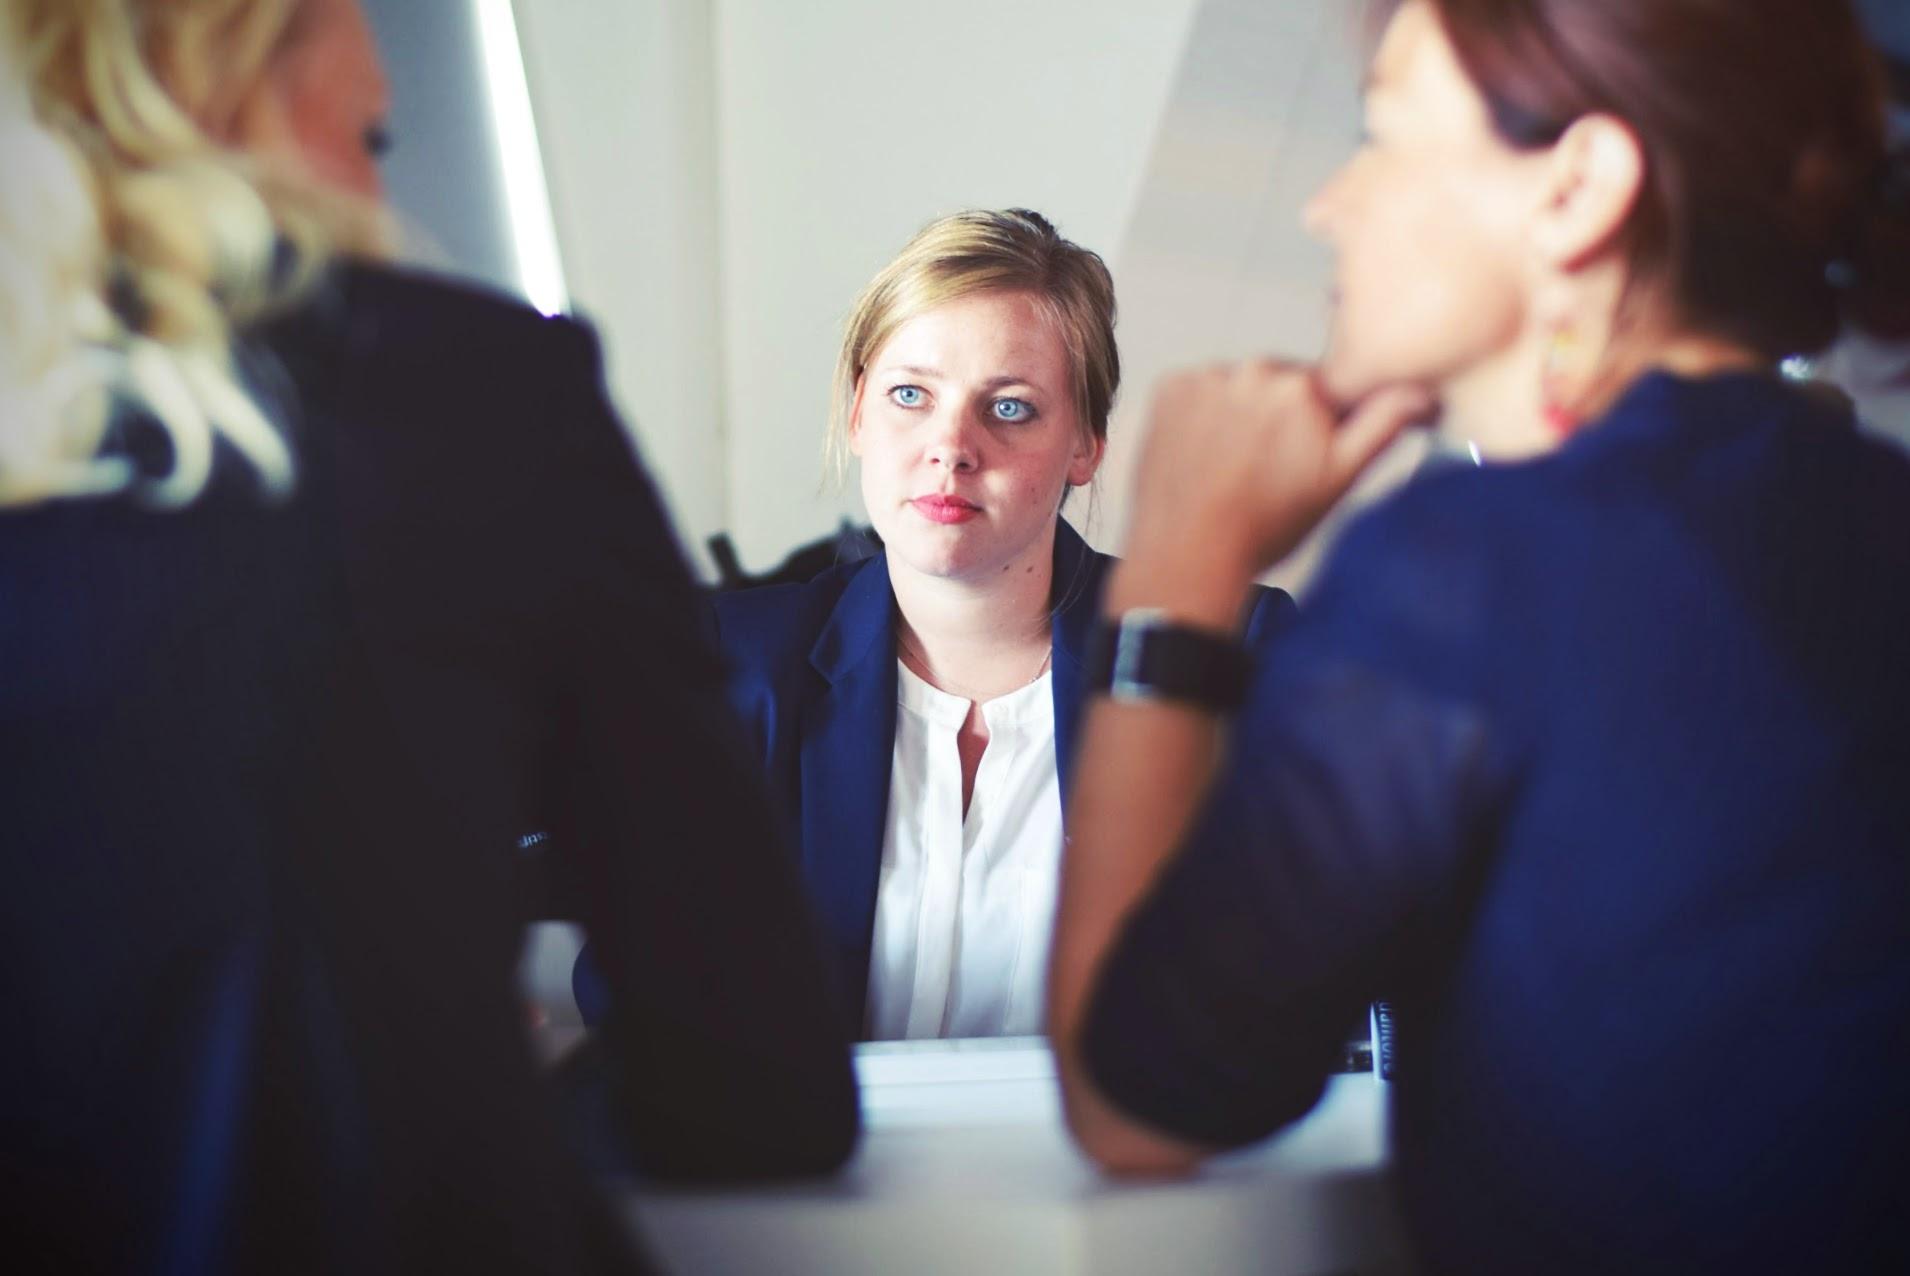 Las organizaciones desean reclutar 'talento con actitud'